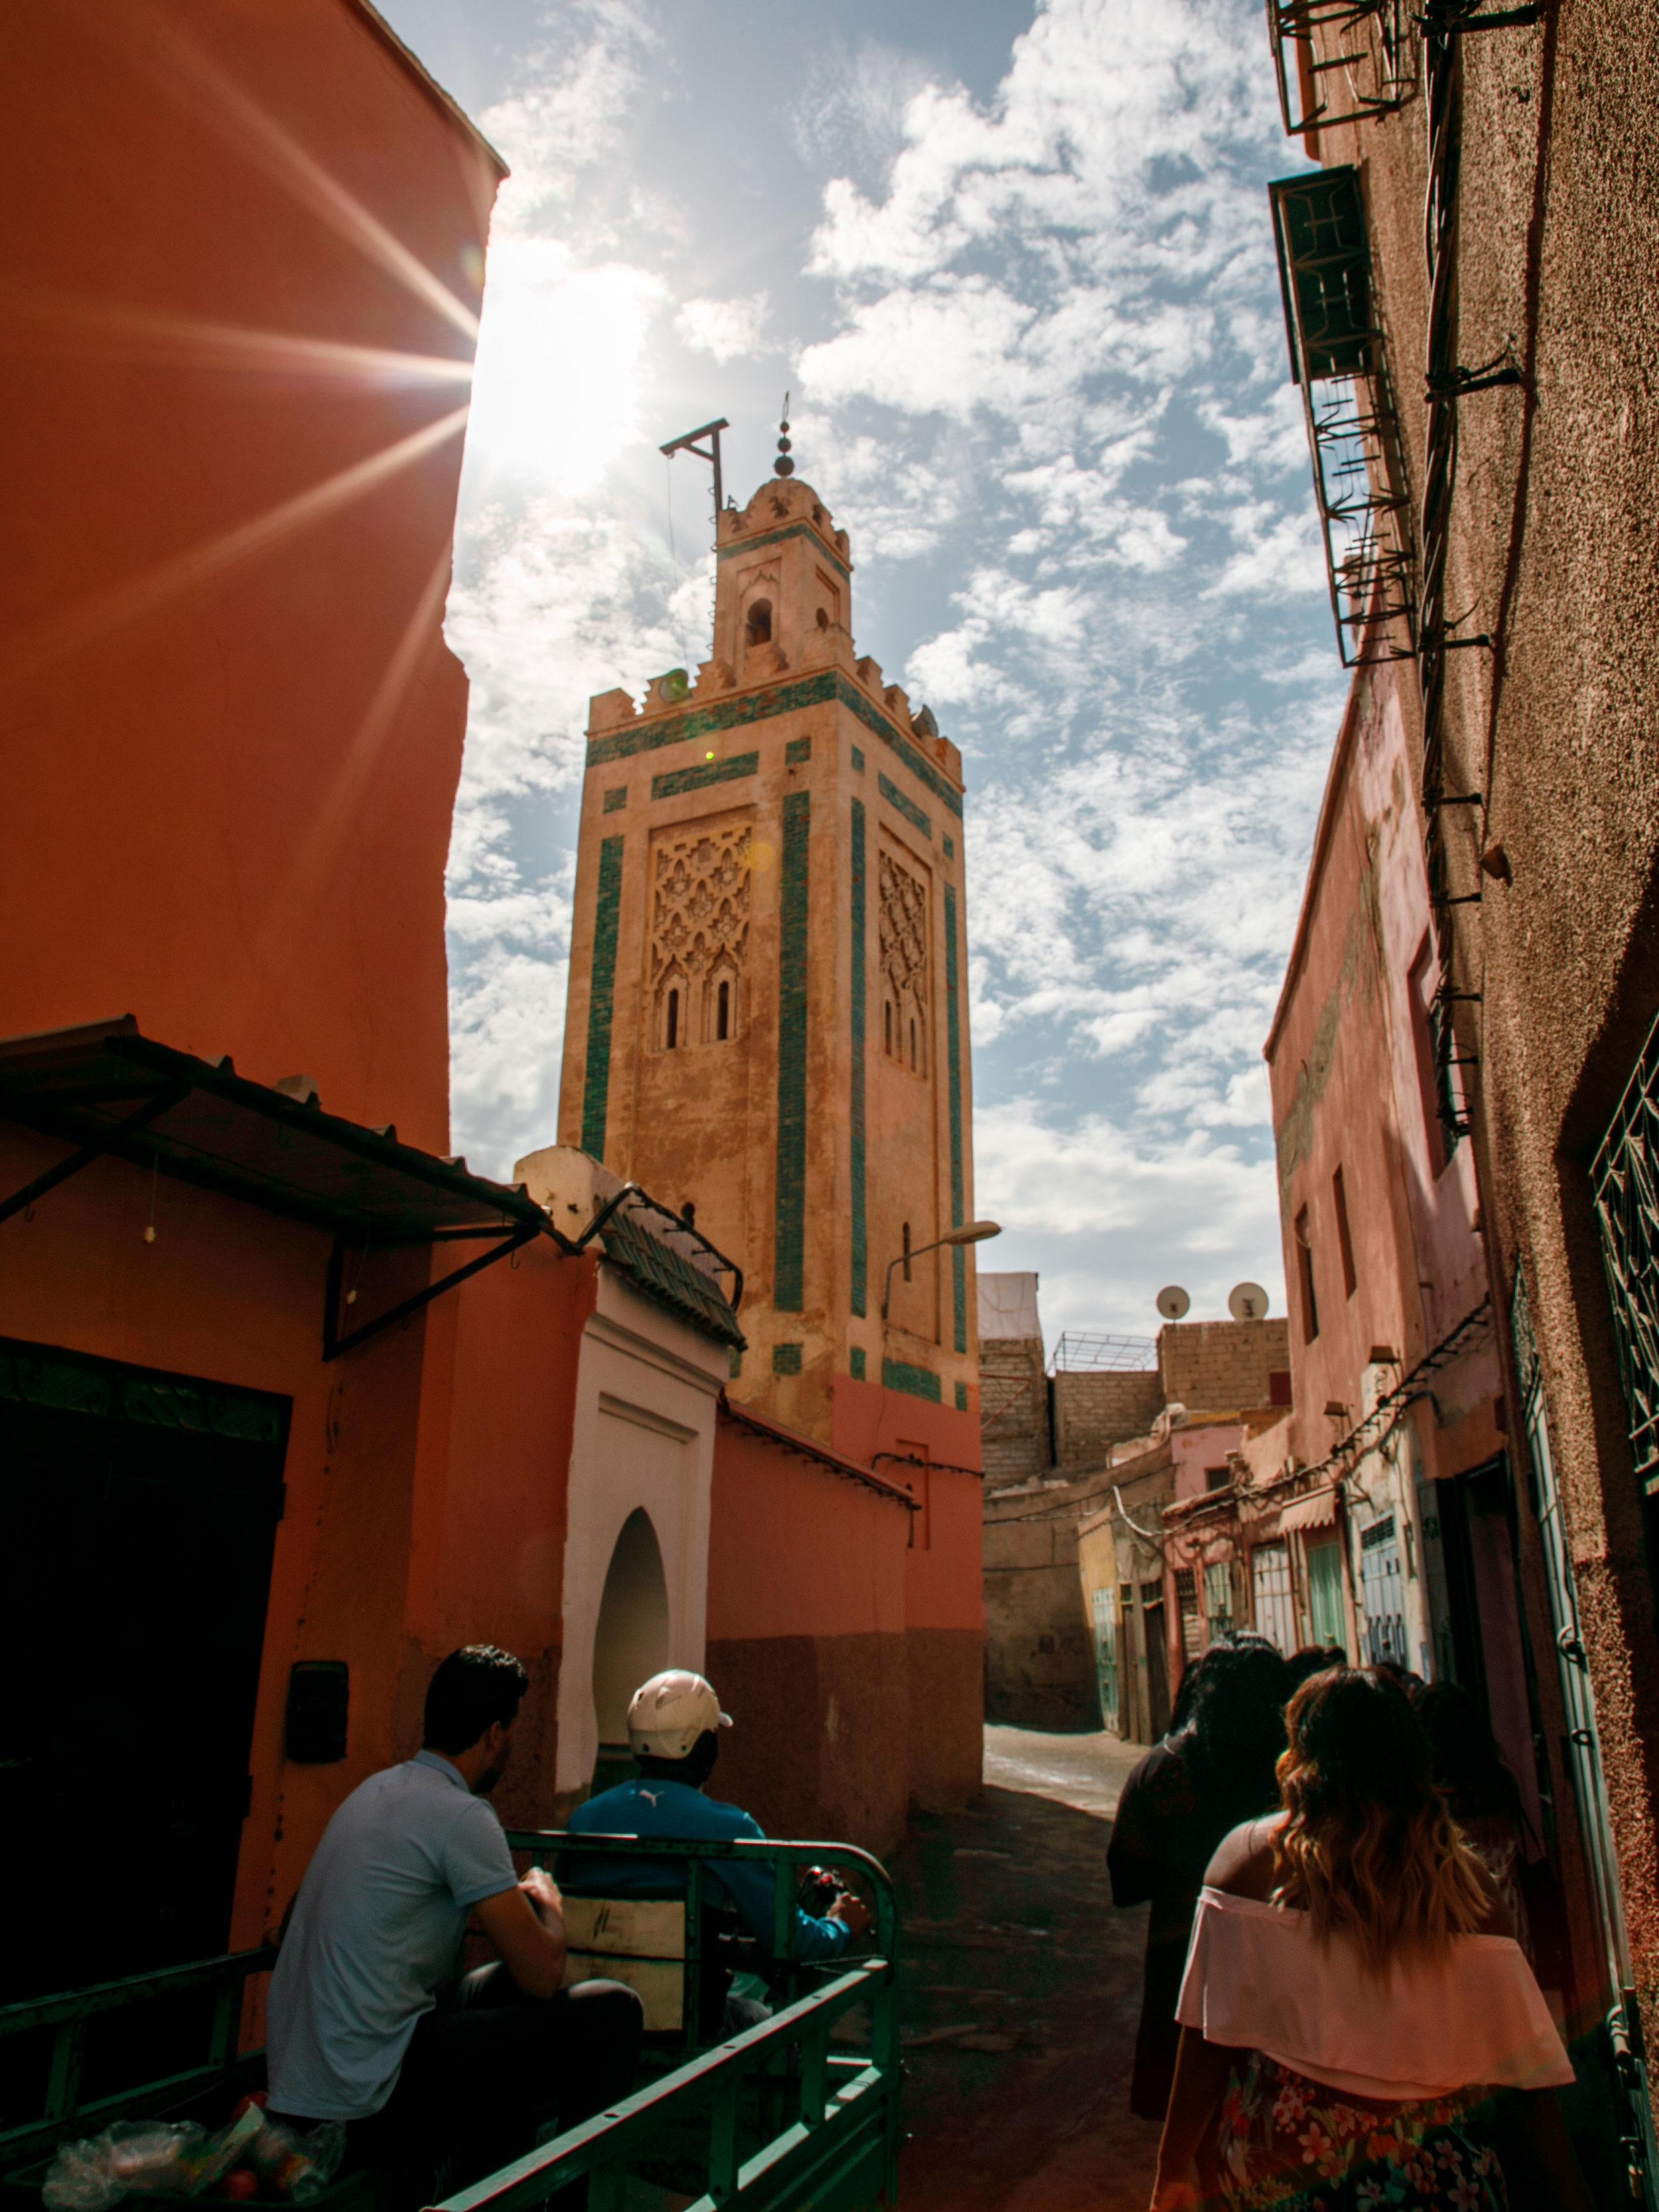 Marrakech-City-Scenes-32.jpg